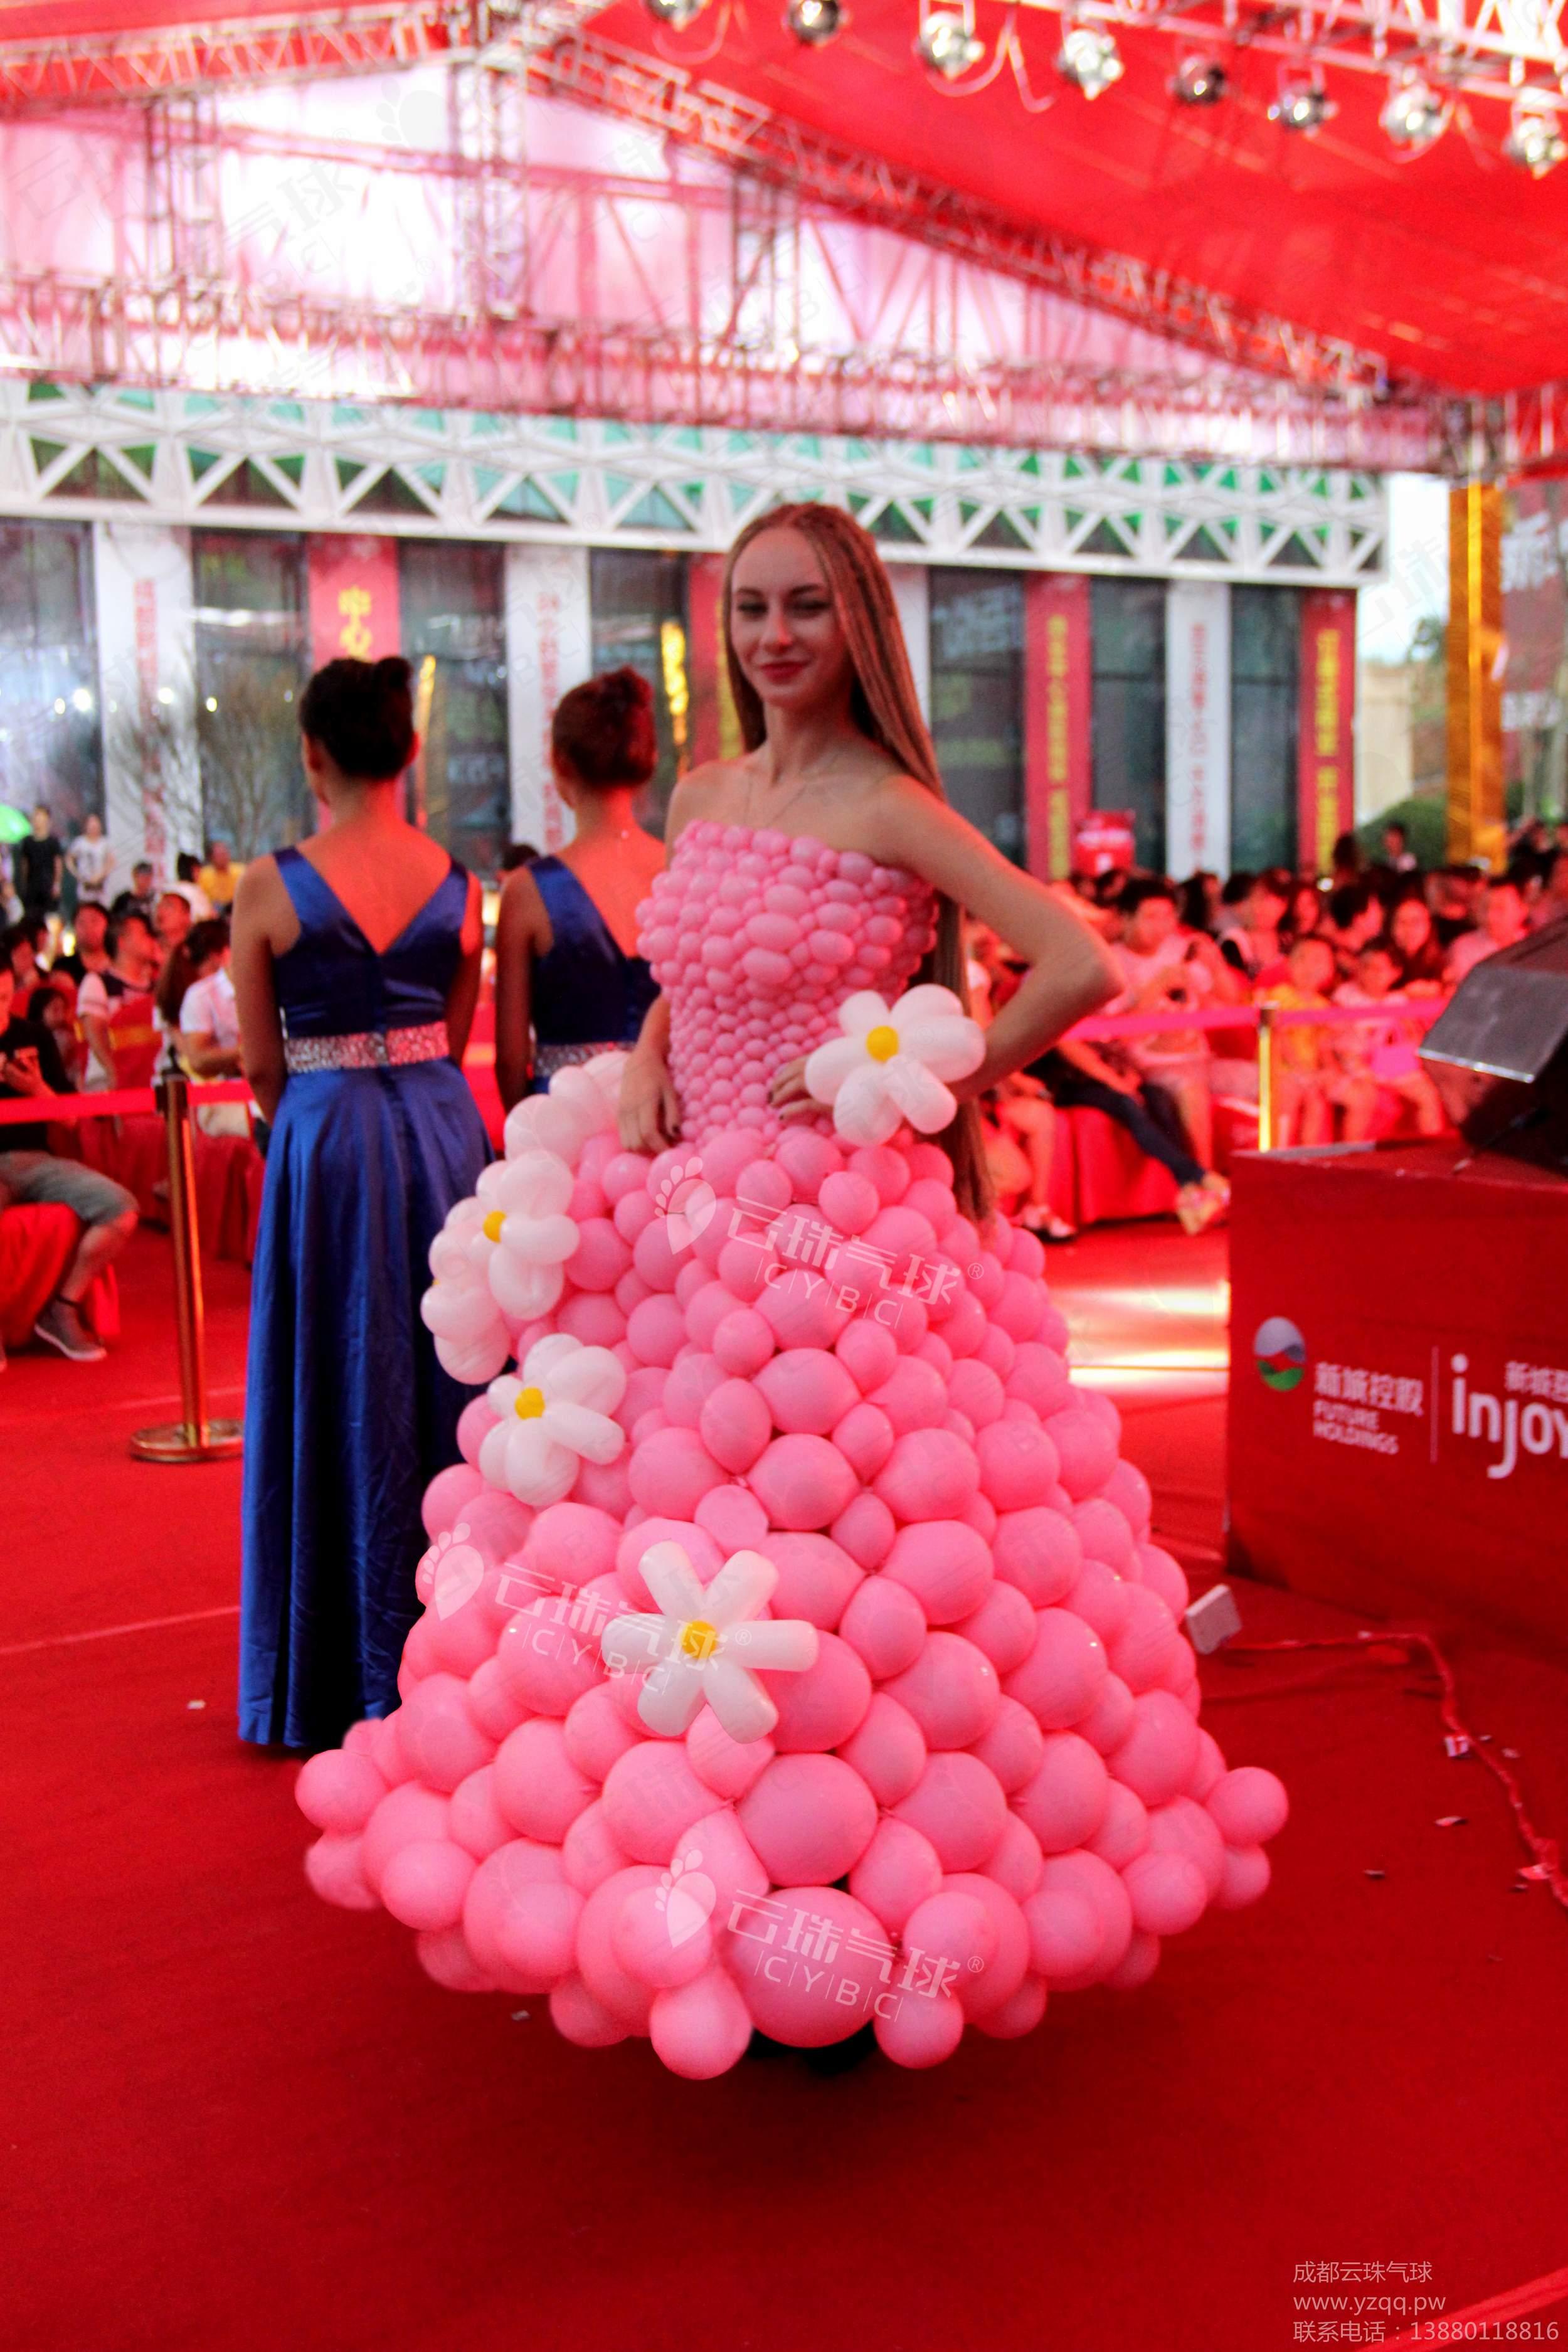 供应气球服装/气球时装秀/气球造型